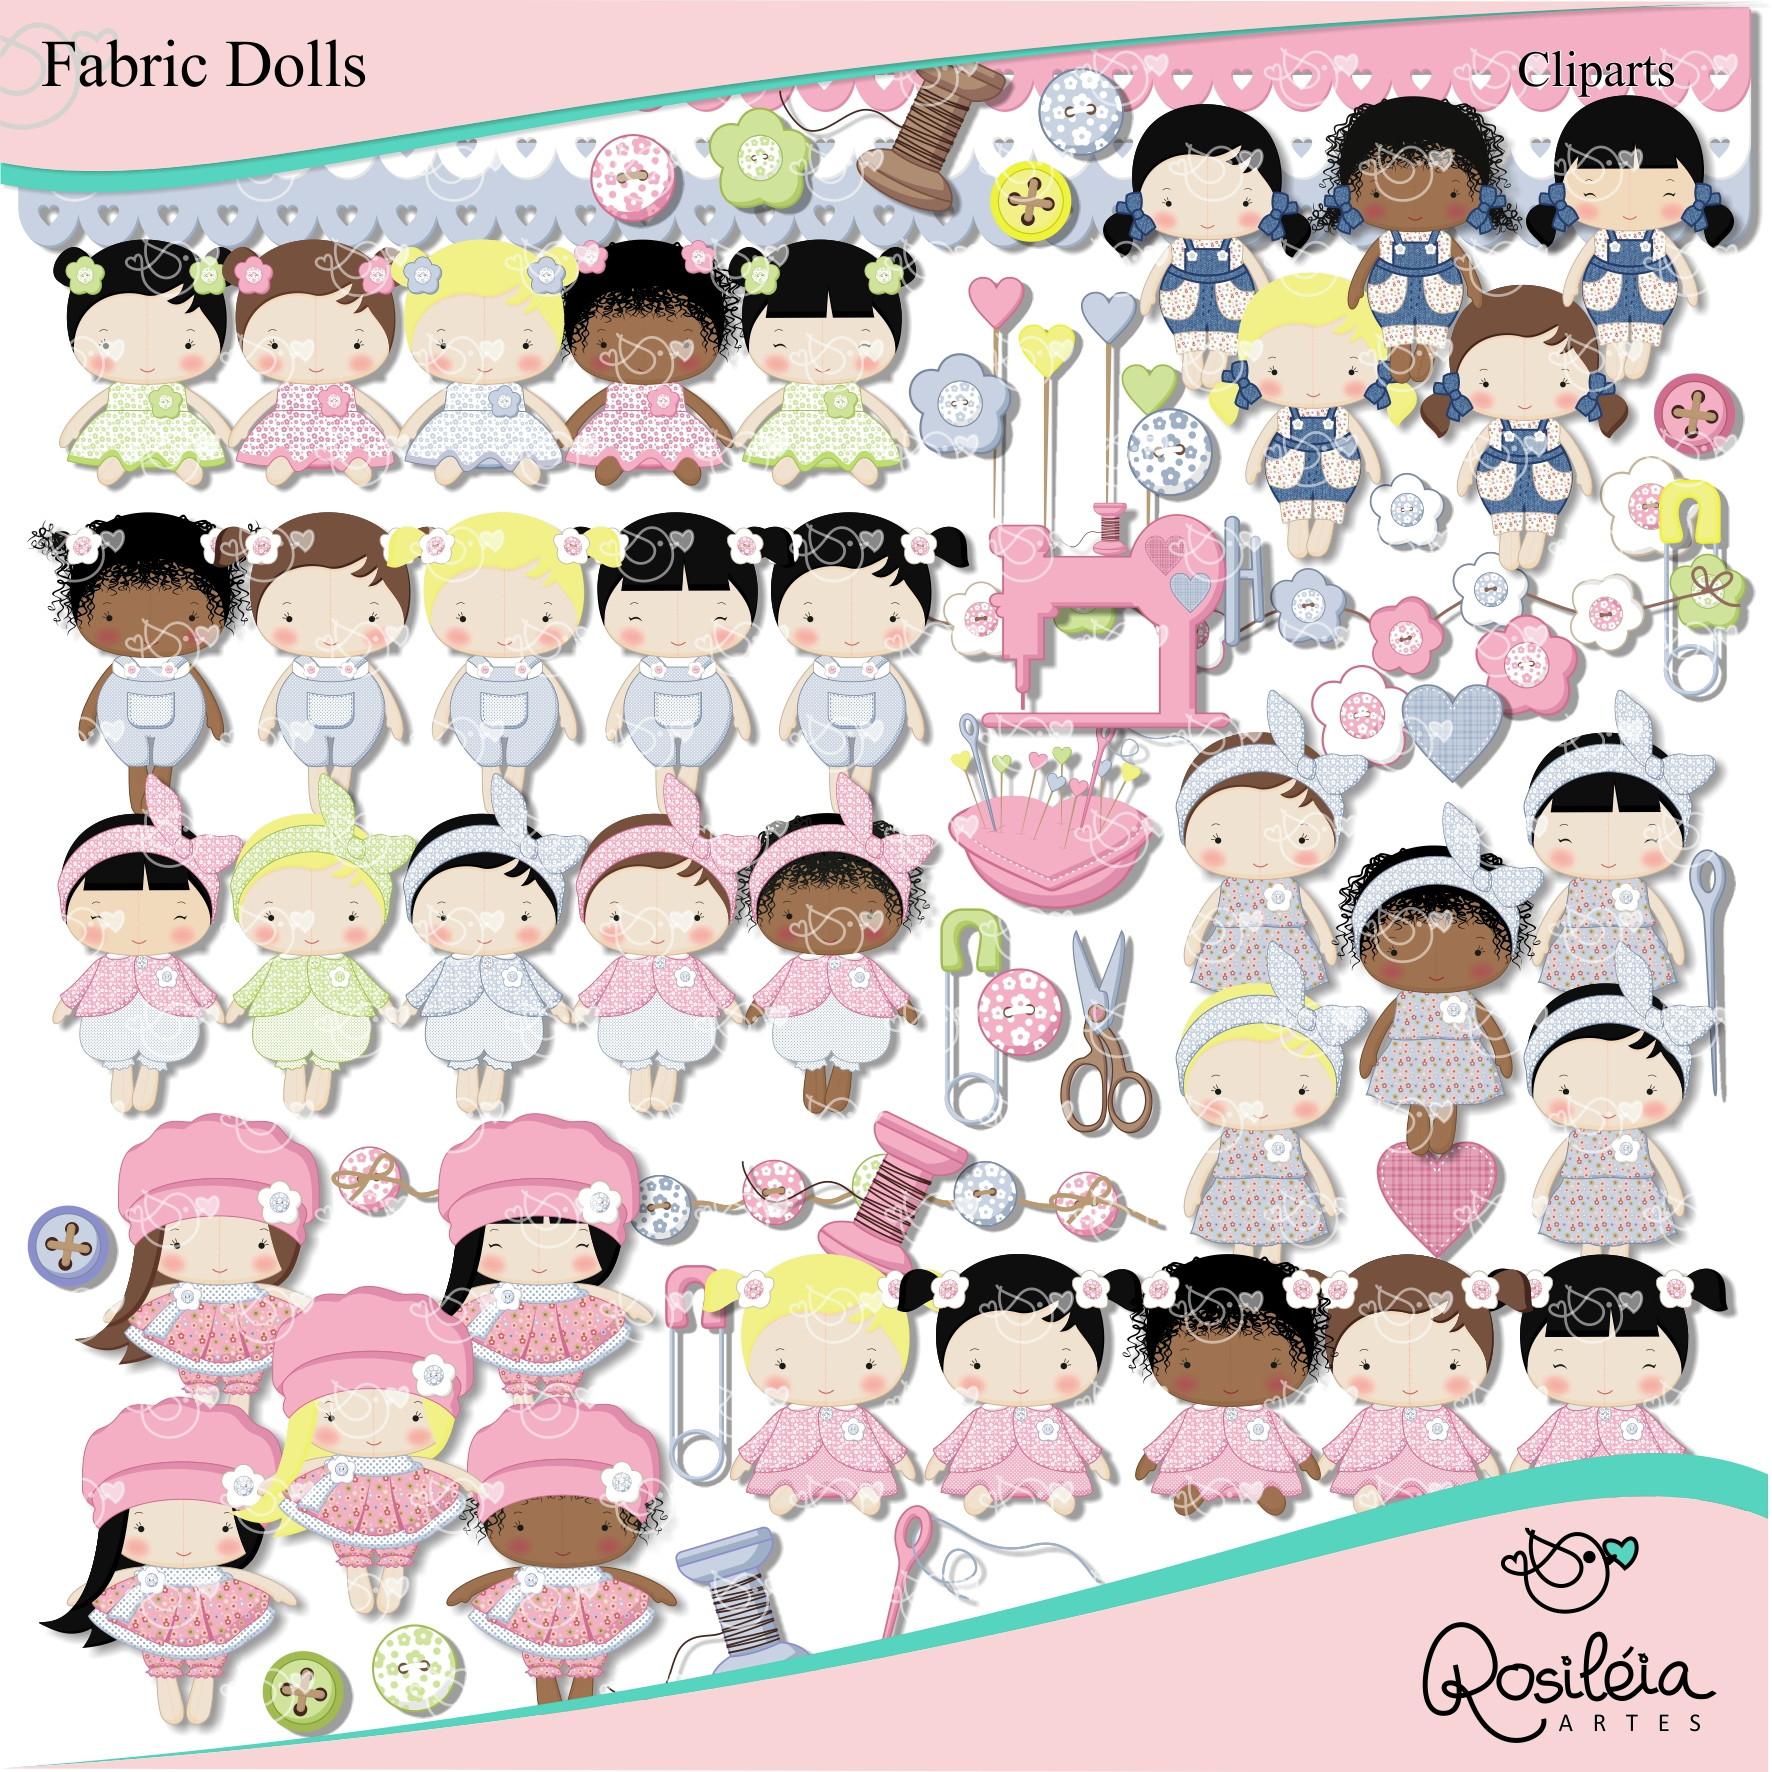 Kit Digital Fabric Dolls Bonecas De Pano No Elo7 Rosileia